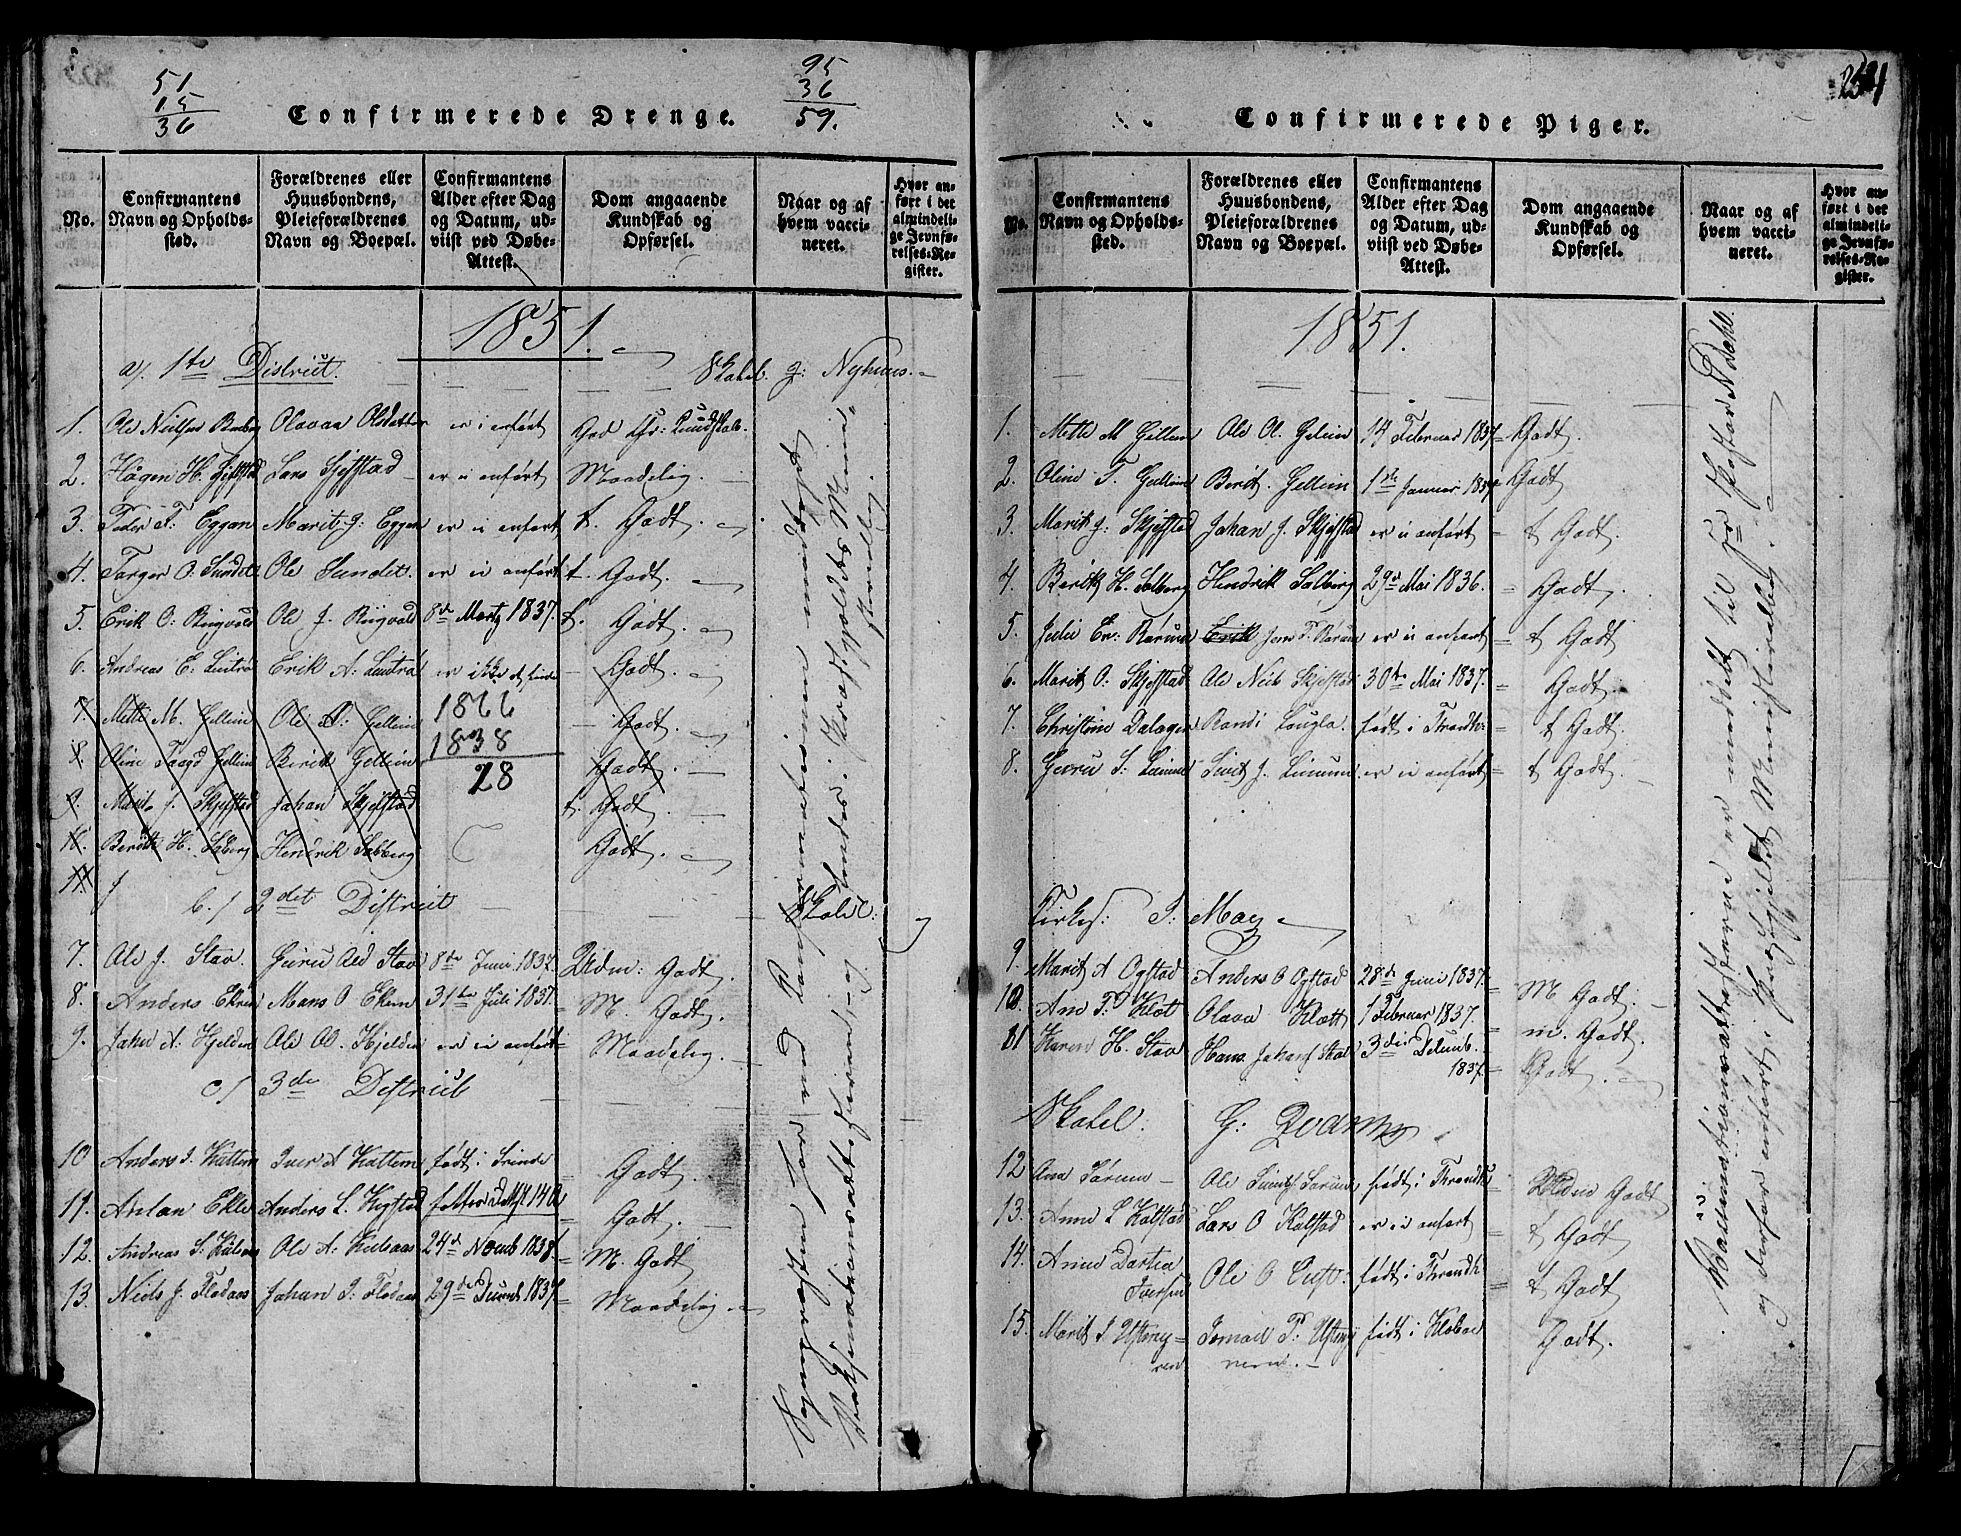 SAT, Ministerialprotokoller, klokkerbøker og fødselsregistre - Sør-Trøndelag, 613/L0393: Klokkerbok nr. 613C01, 1816-1886, s. 254